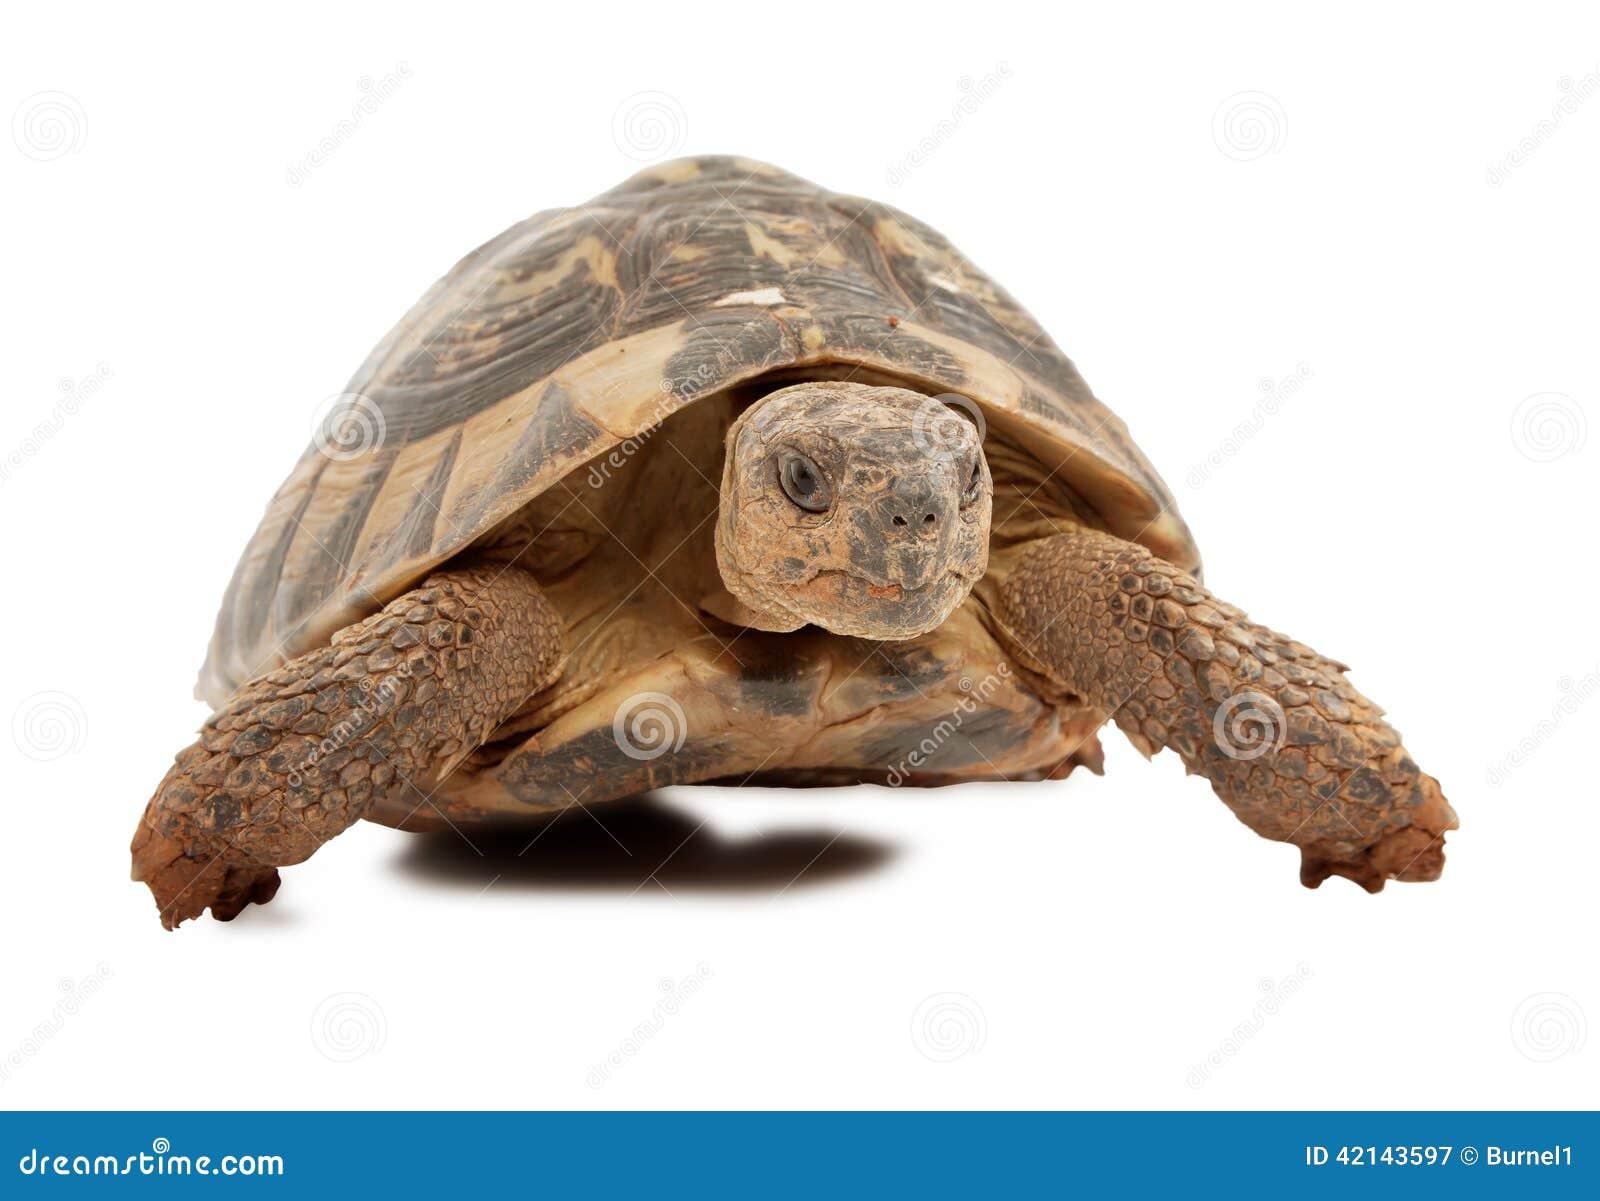 在白色背景隔绝的乌龟,在乌龟头的焦点.